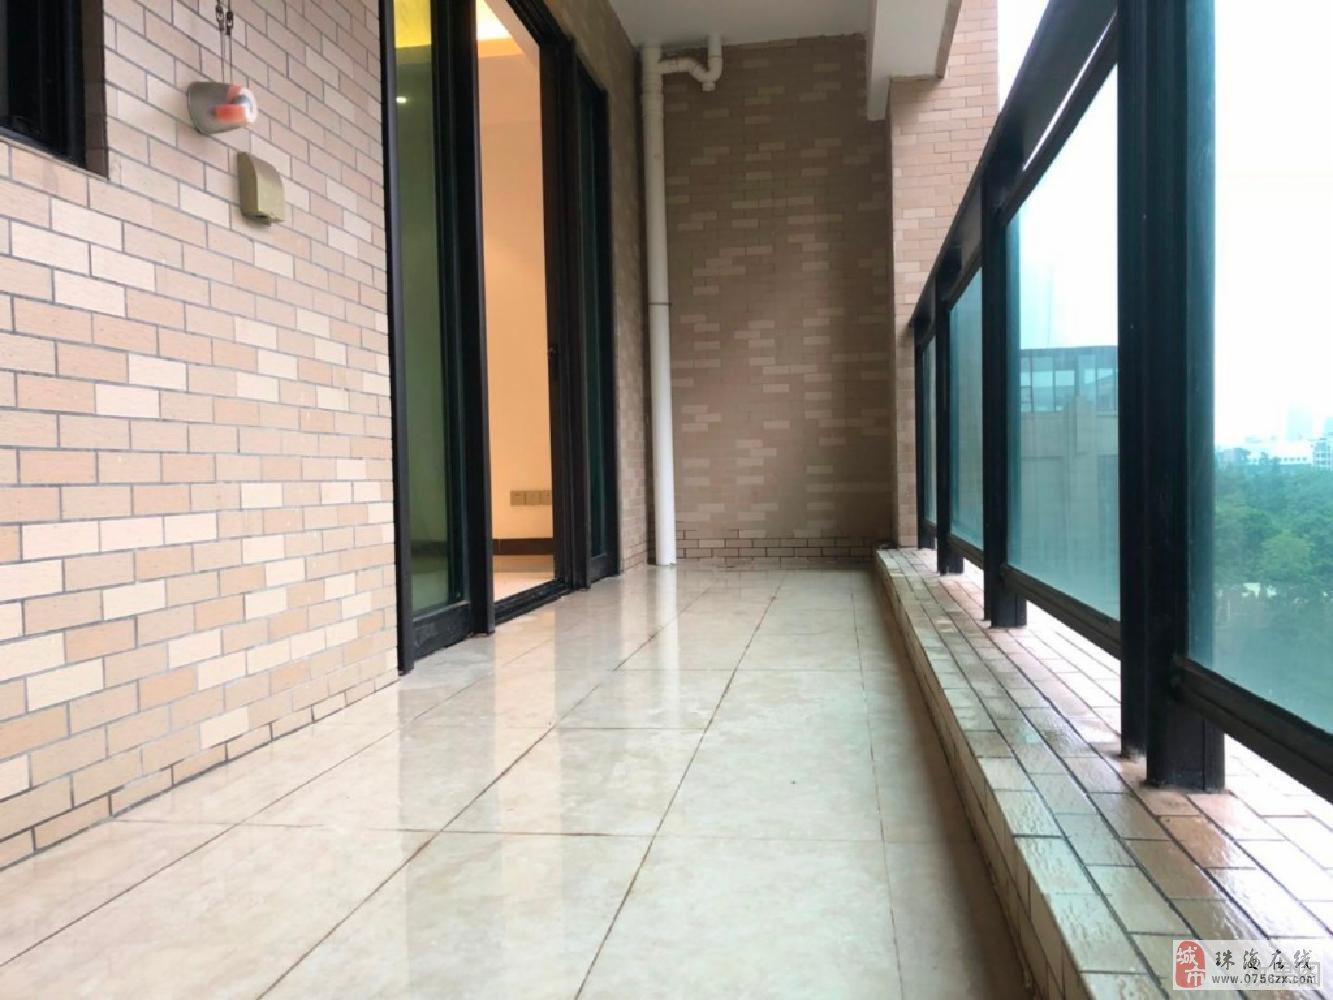 珠海.一.中高中部旁《学府道》精装三房南北通两怀念中美好年高图片